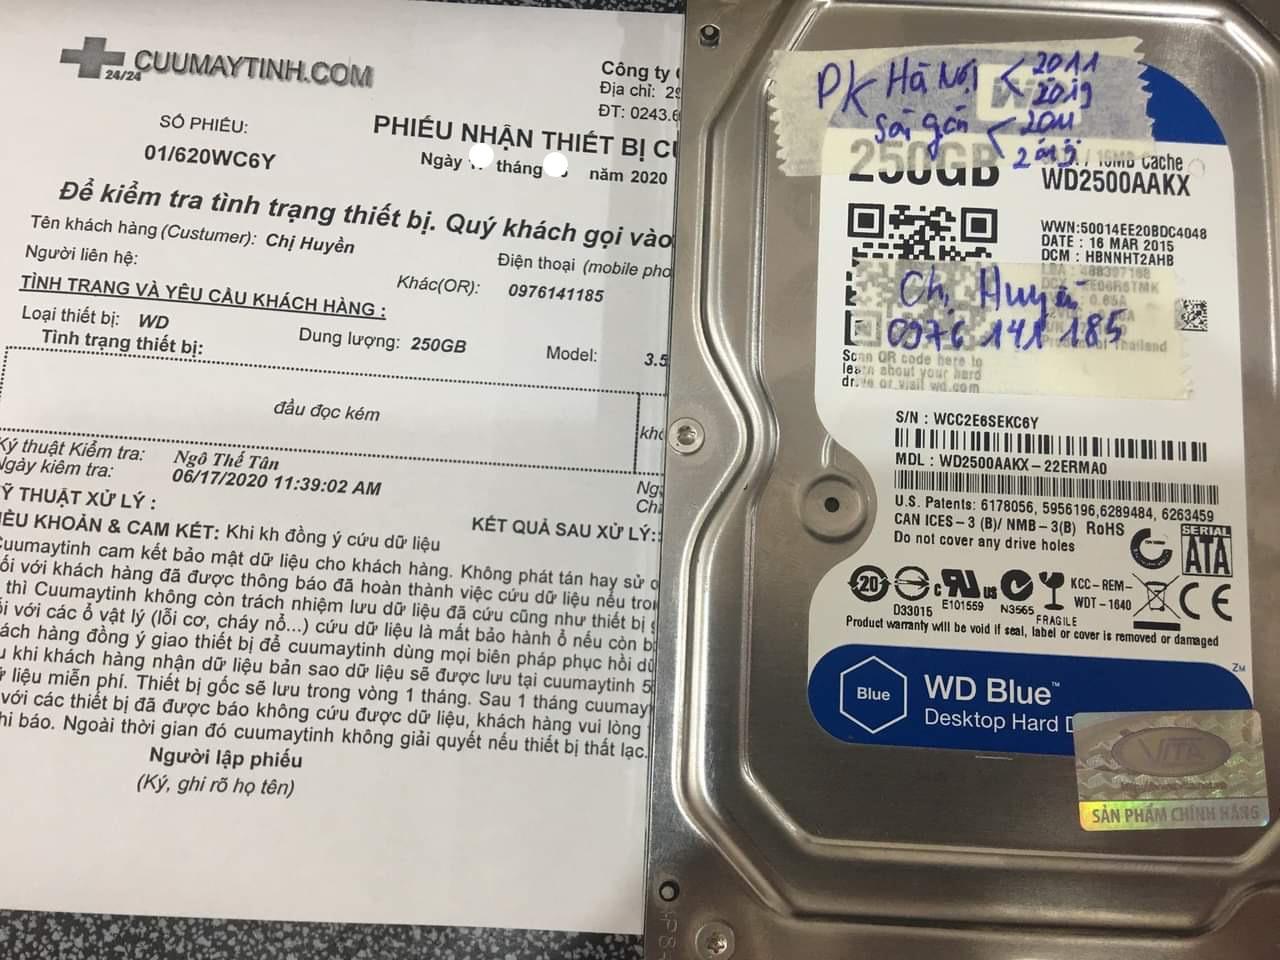 Lấy dữ liệu ổ cứng Western 250GB đầu đọc kém 10/08/2020 - cuumaytinh